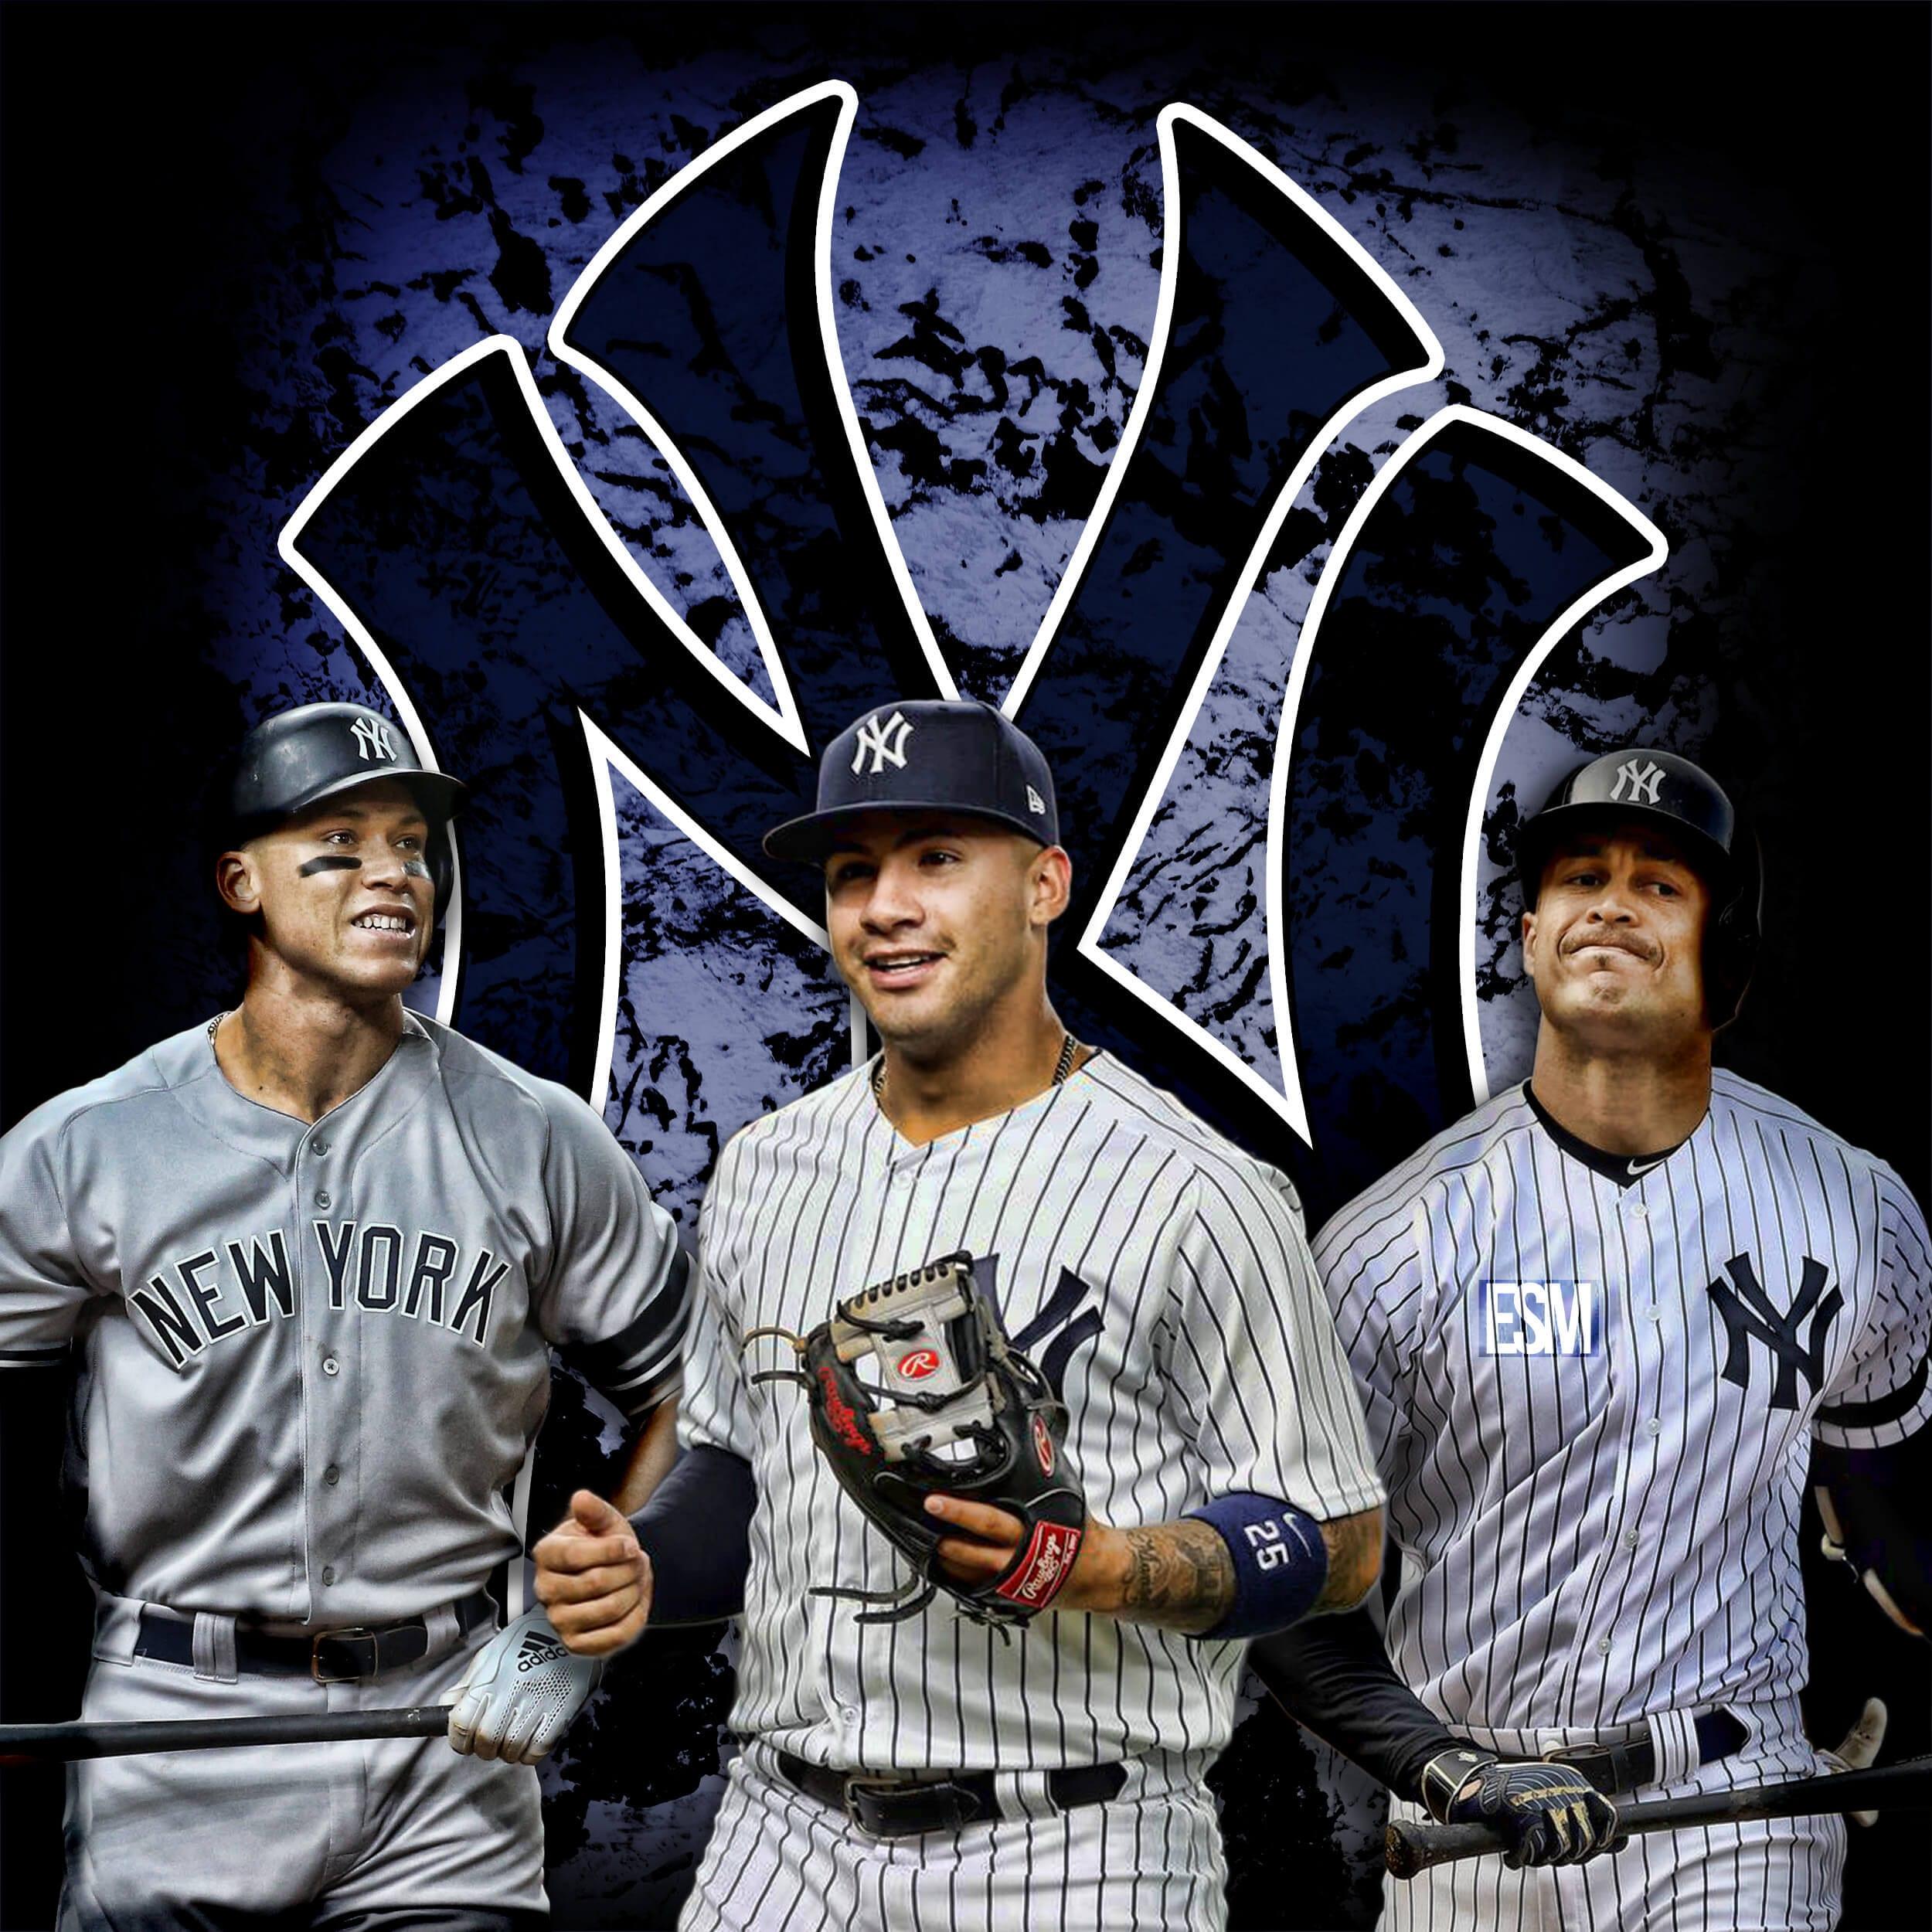 New York Yankees, Aaron Judge, Gleyber Torres, Giancarlo Stanton